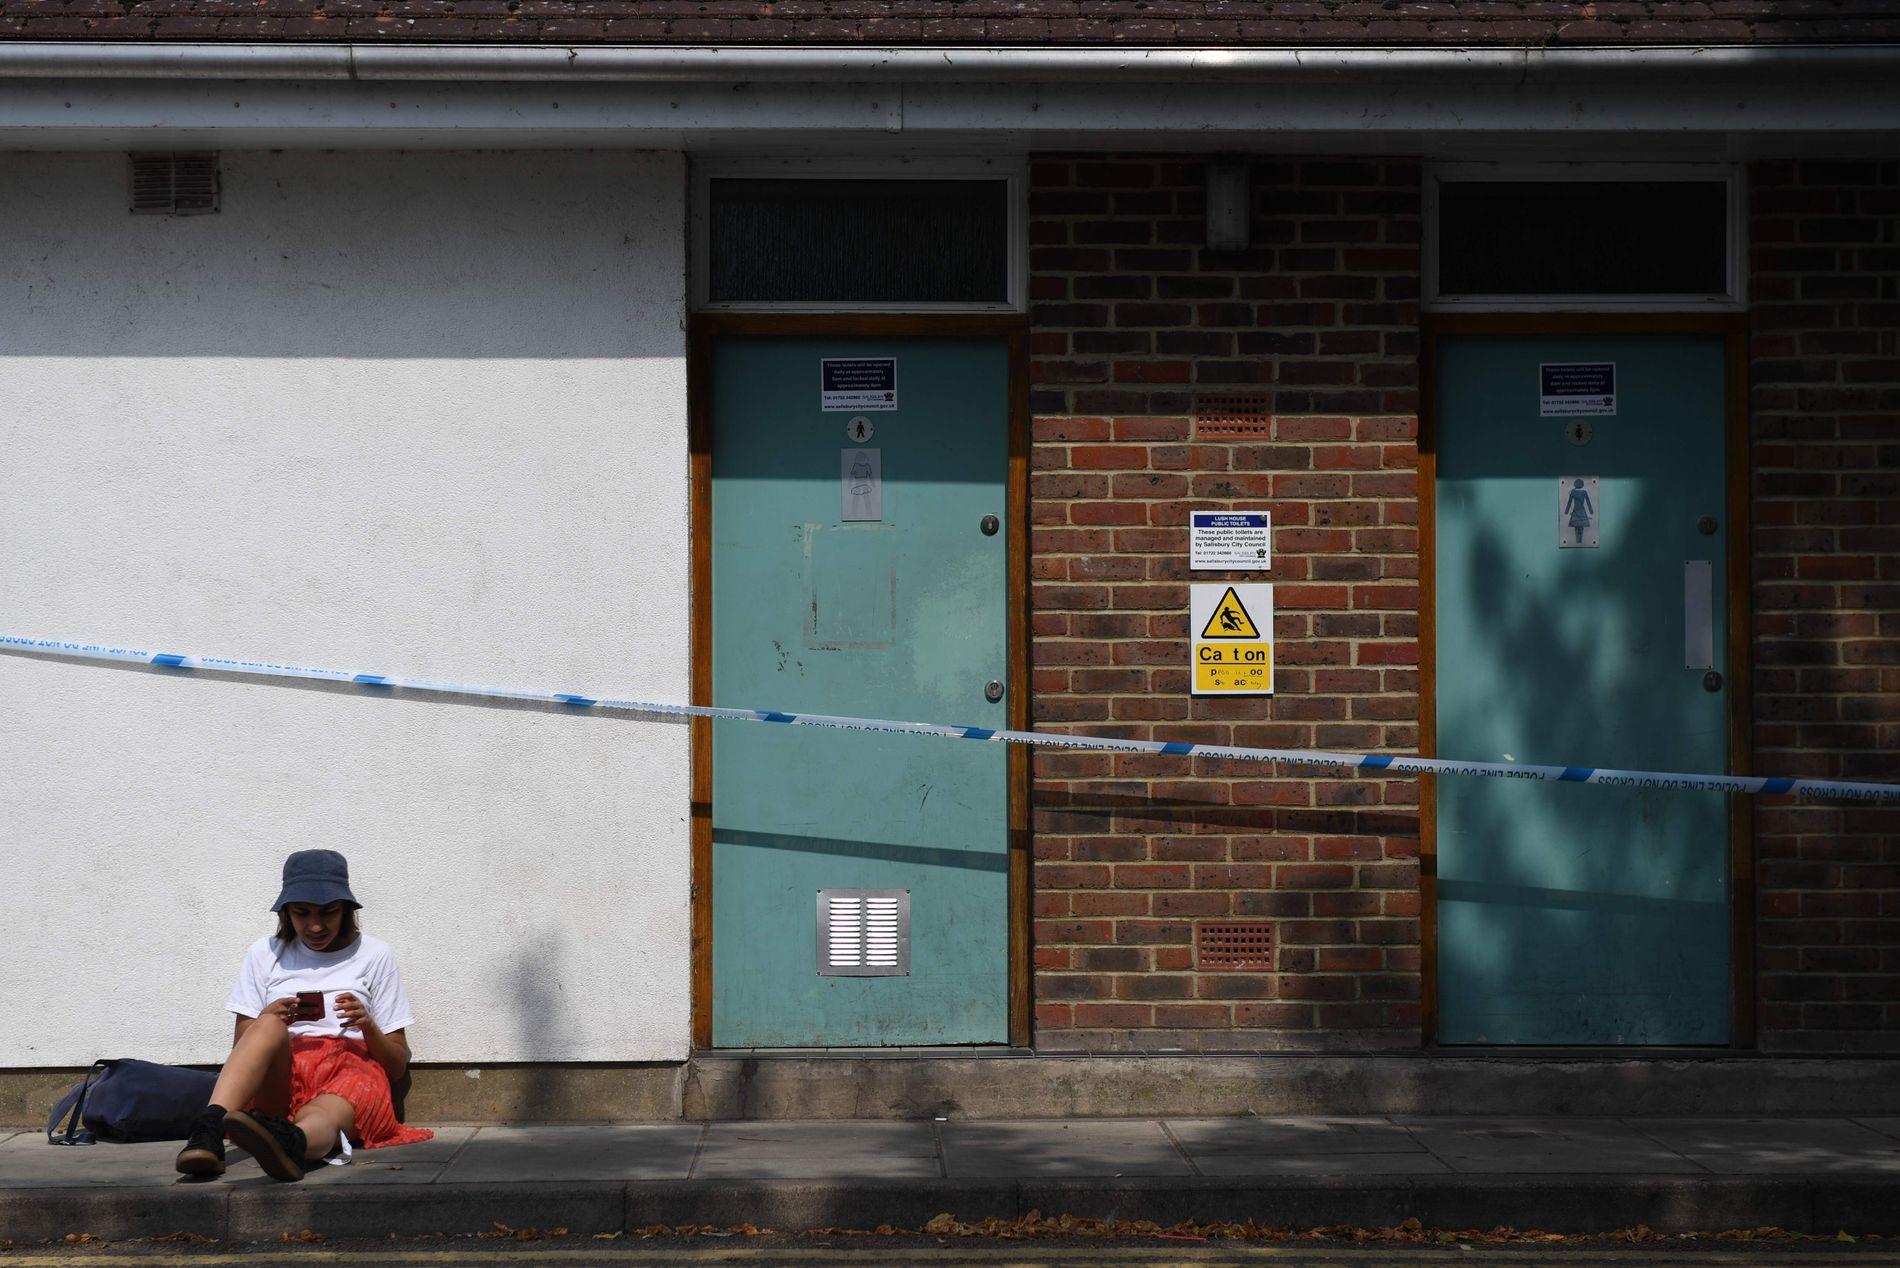 ETTERFORSKNING: Antiterrorpolitiet leder etterforskningen i Amesbury, og har stengt av flere områder i byen, blant annet denne toalettbygningen.